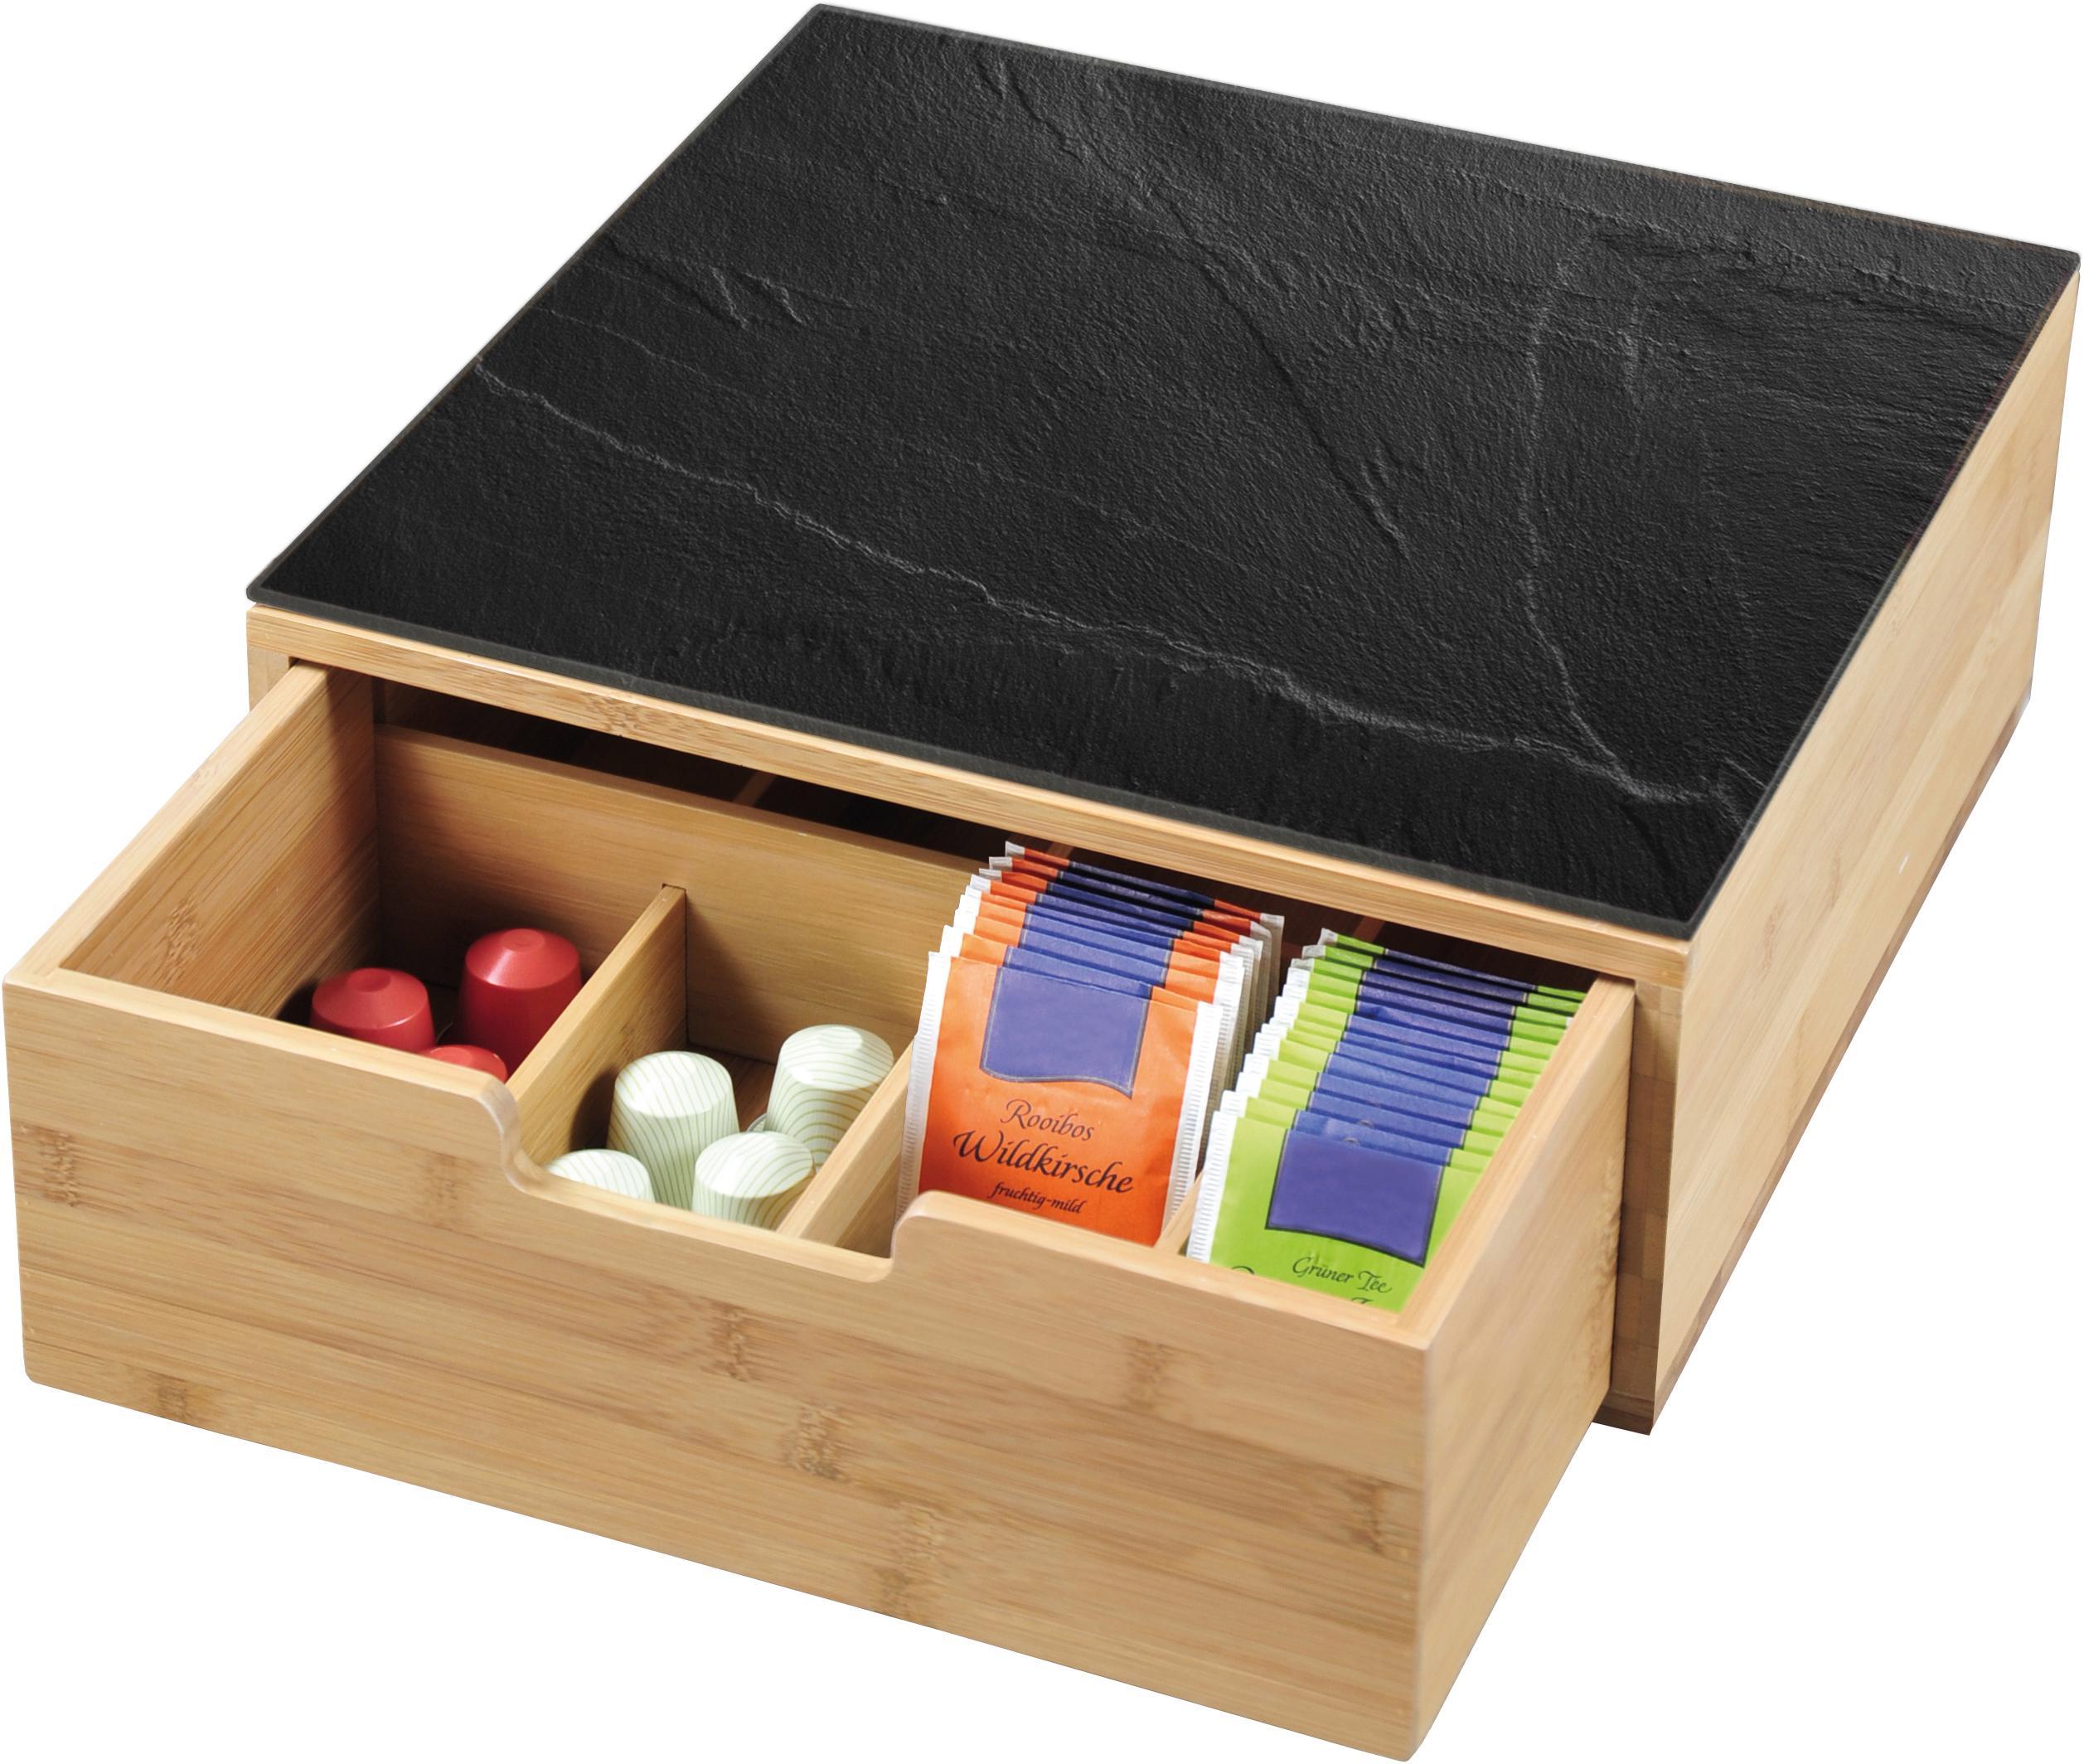 KESPER for kitchen & home Aufbewahrungsbox, (1 tlg.), für Kaffeekapseln oder Teebeutel beige Aufbewahrung Küchenhelfer Haushaltswaren Aufbewahrungsbox